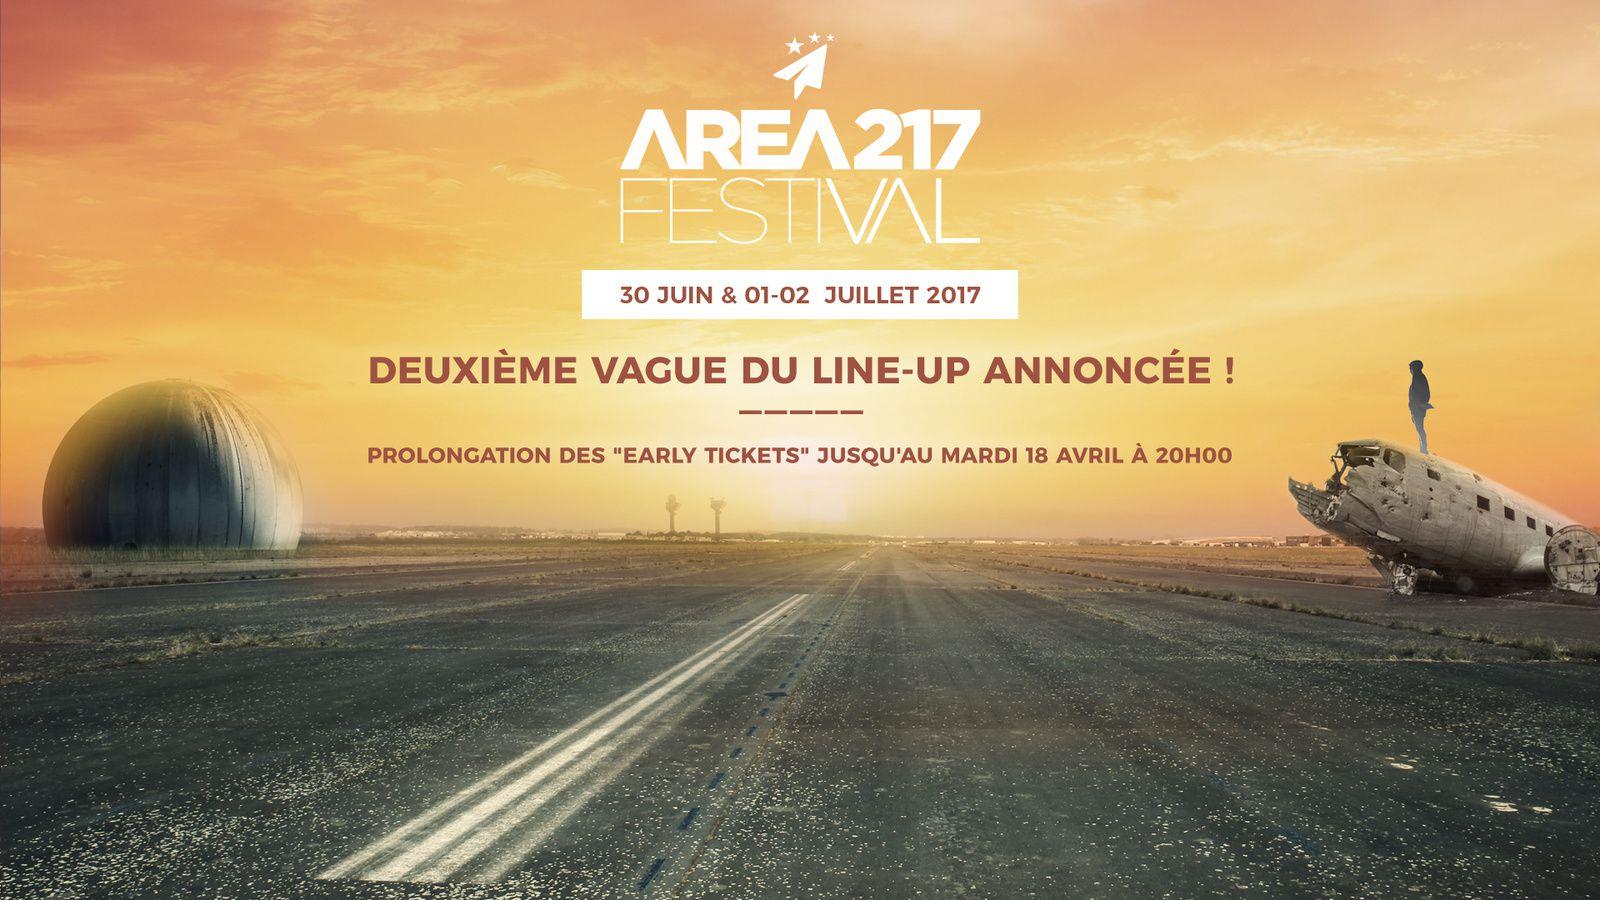 #Festival #AREA217 : Festival francilien dédié aux musiques électroniques programme complet  !